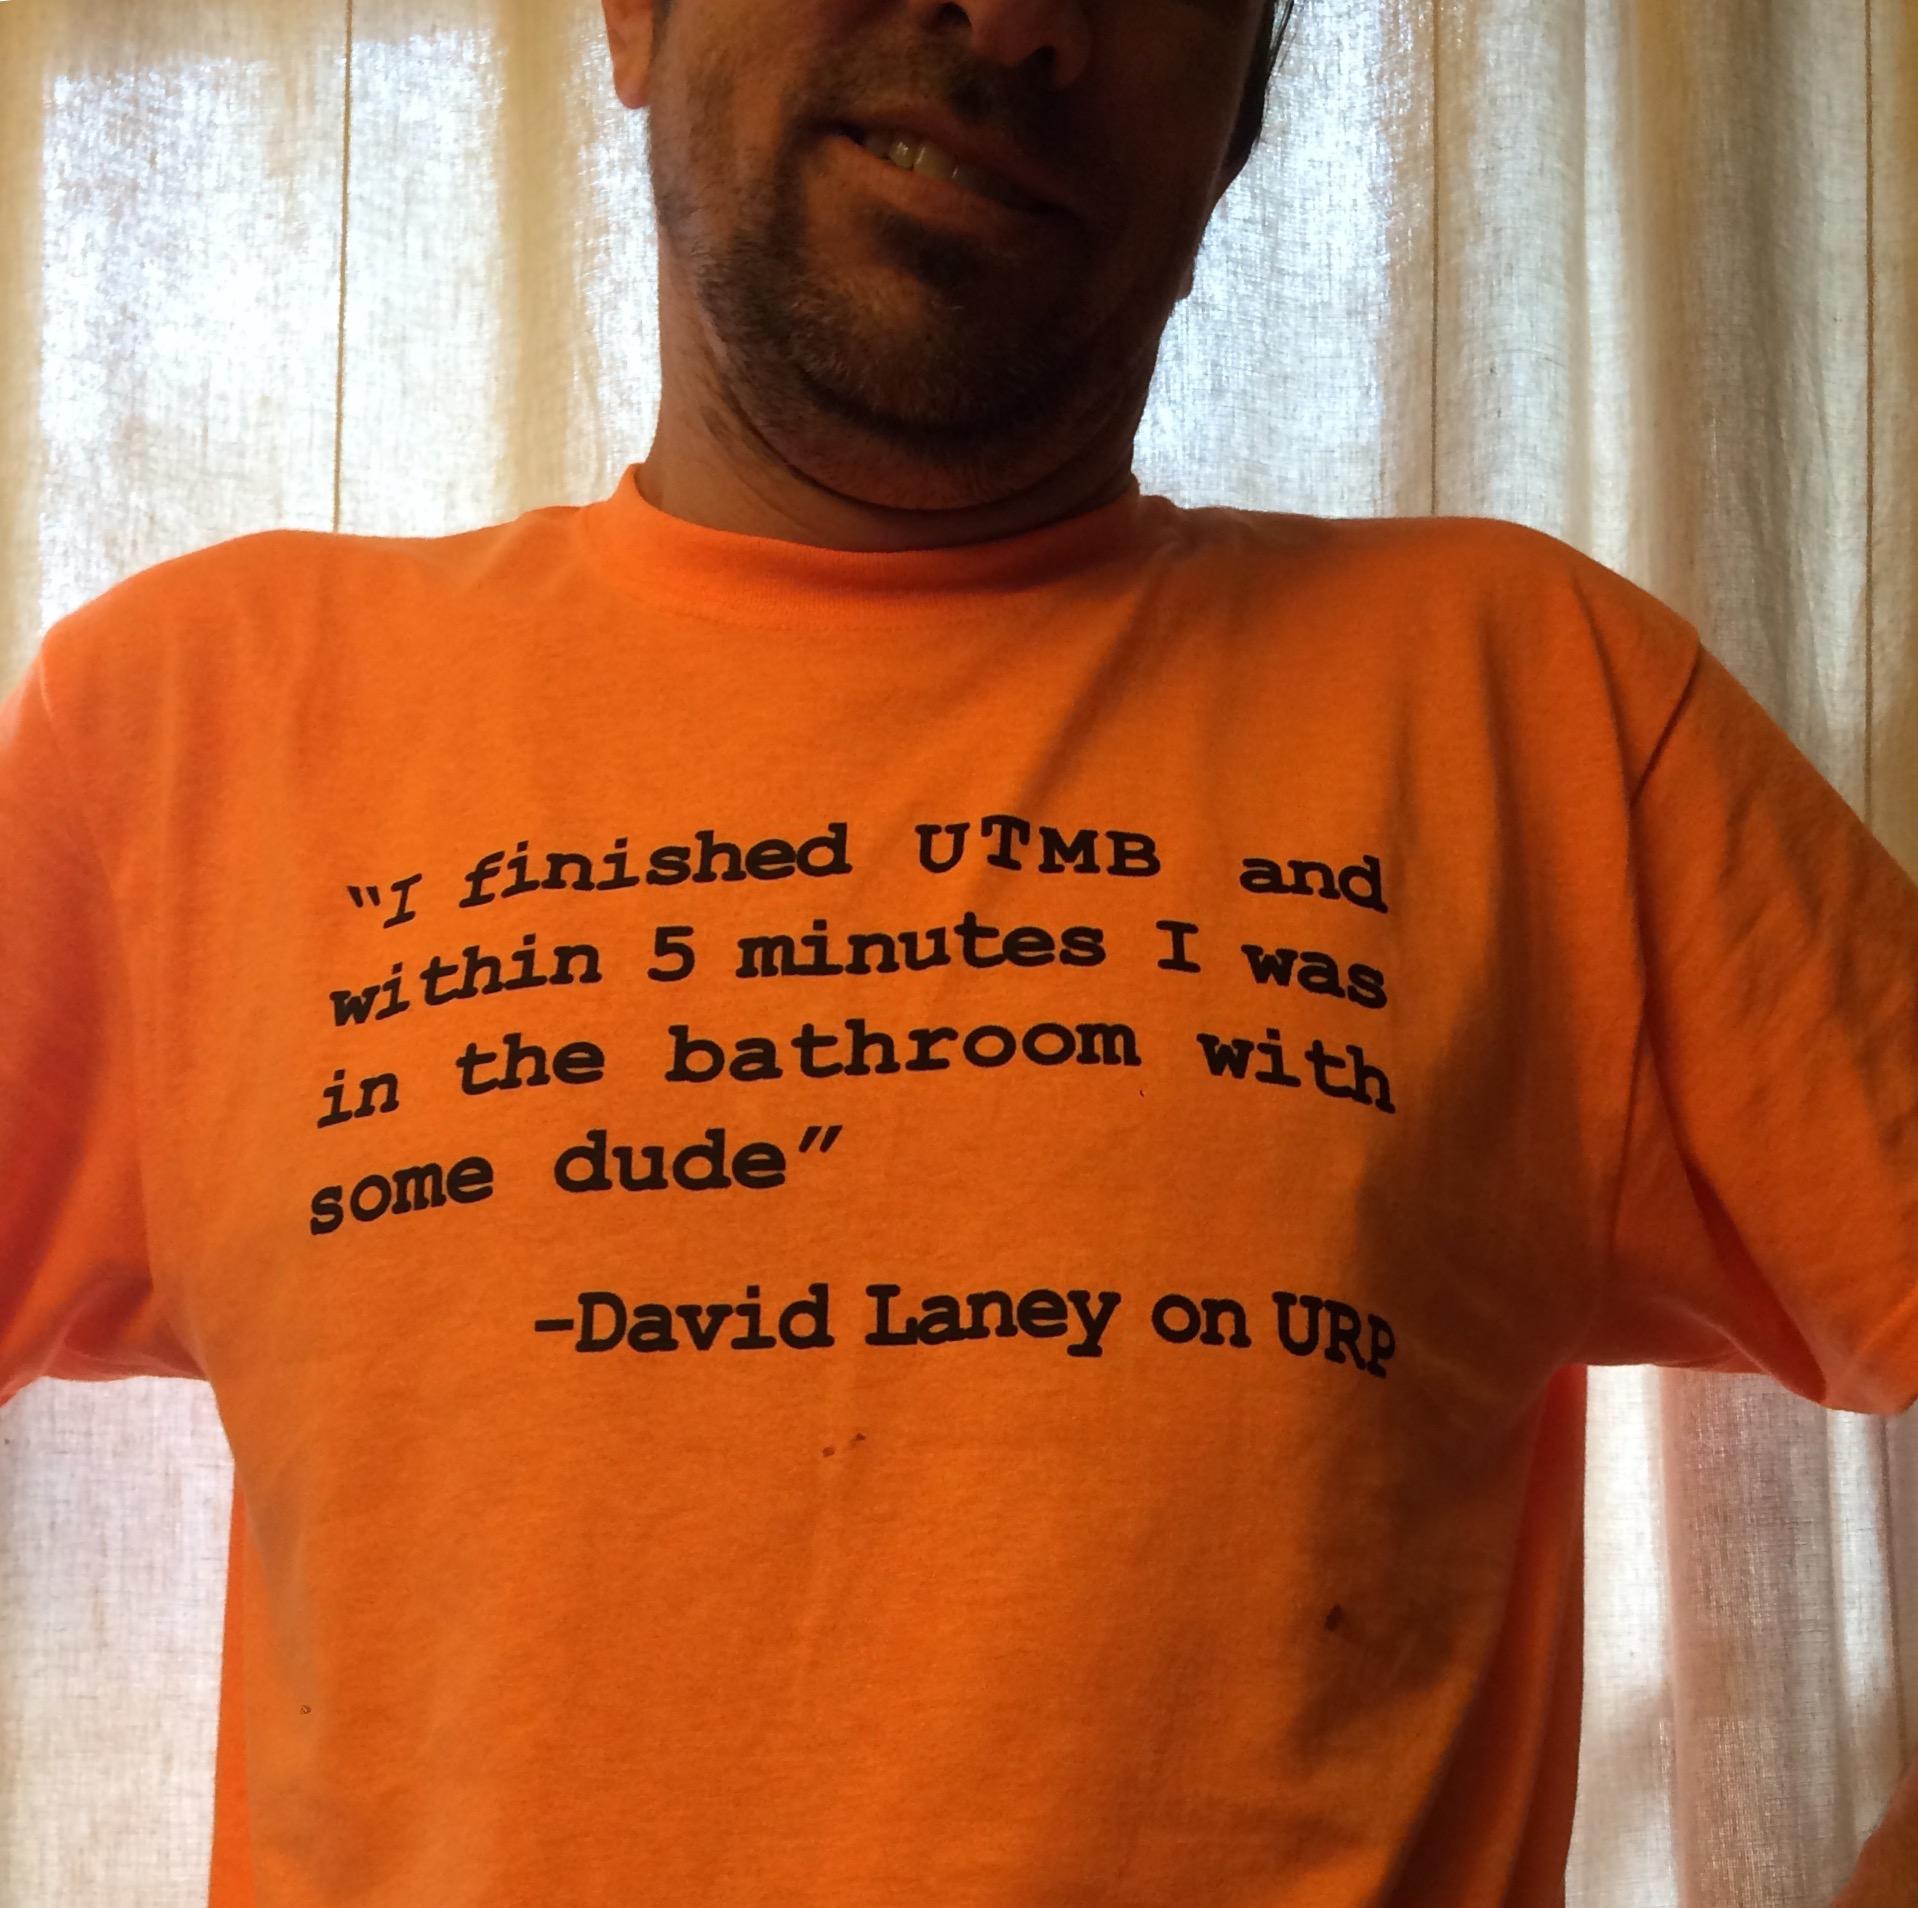 UTMB shirt